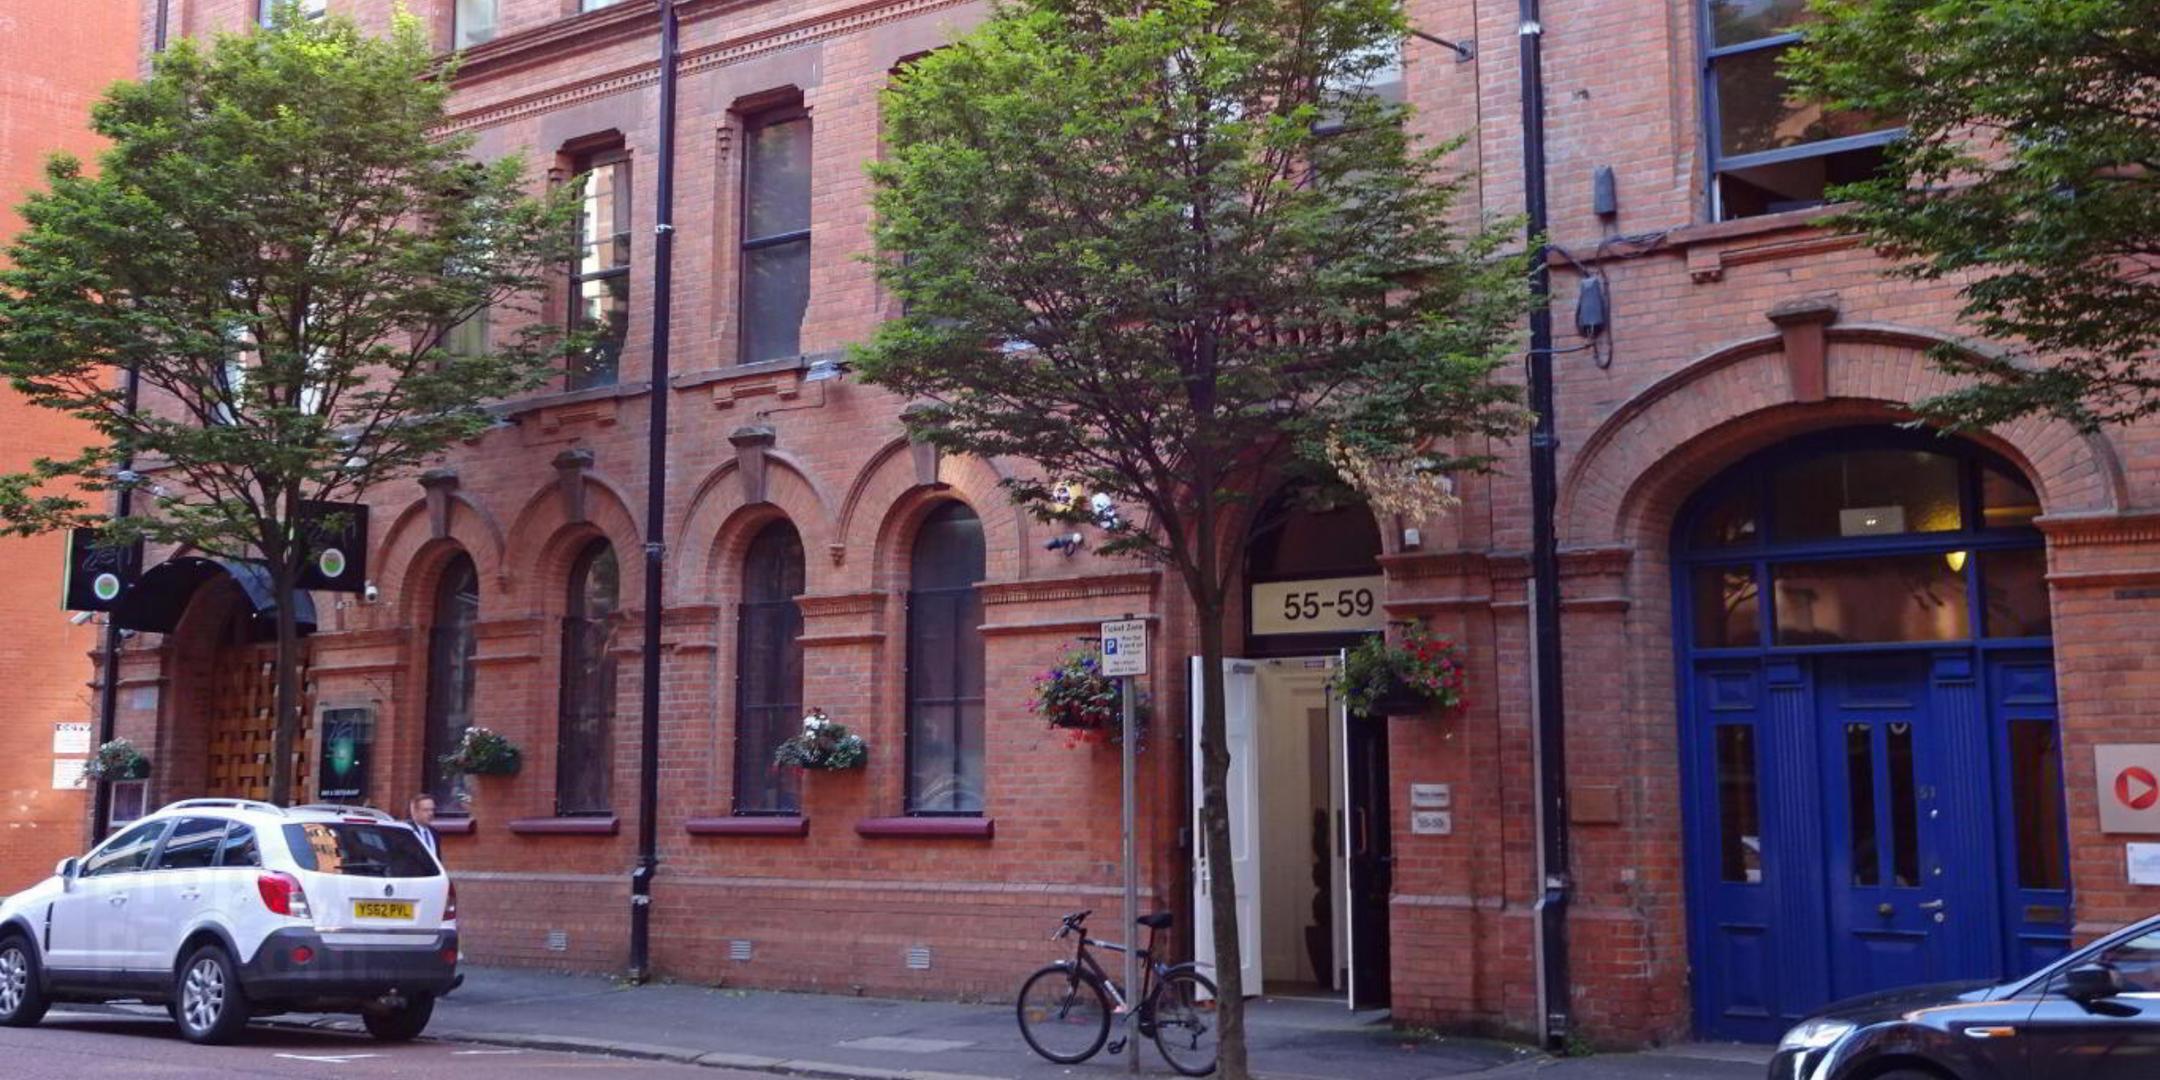 8. Belfast